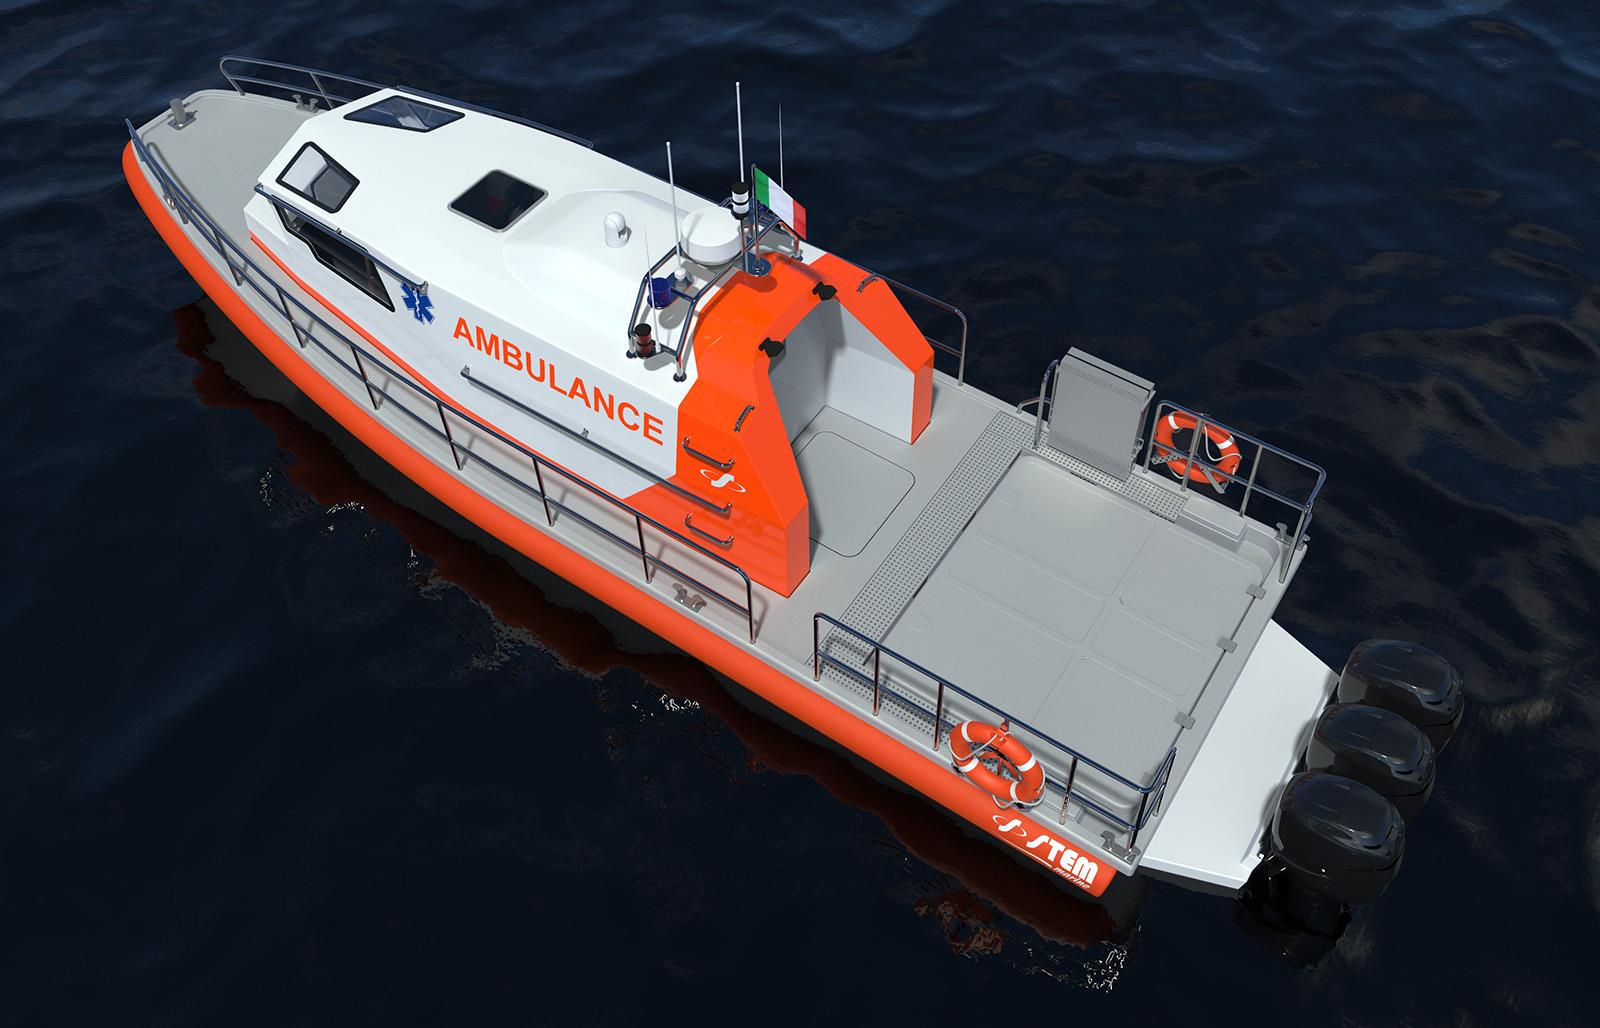 Battello cabinato uso ambulanza Stem 12 Ambulance